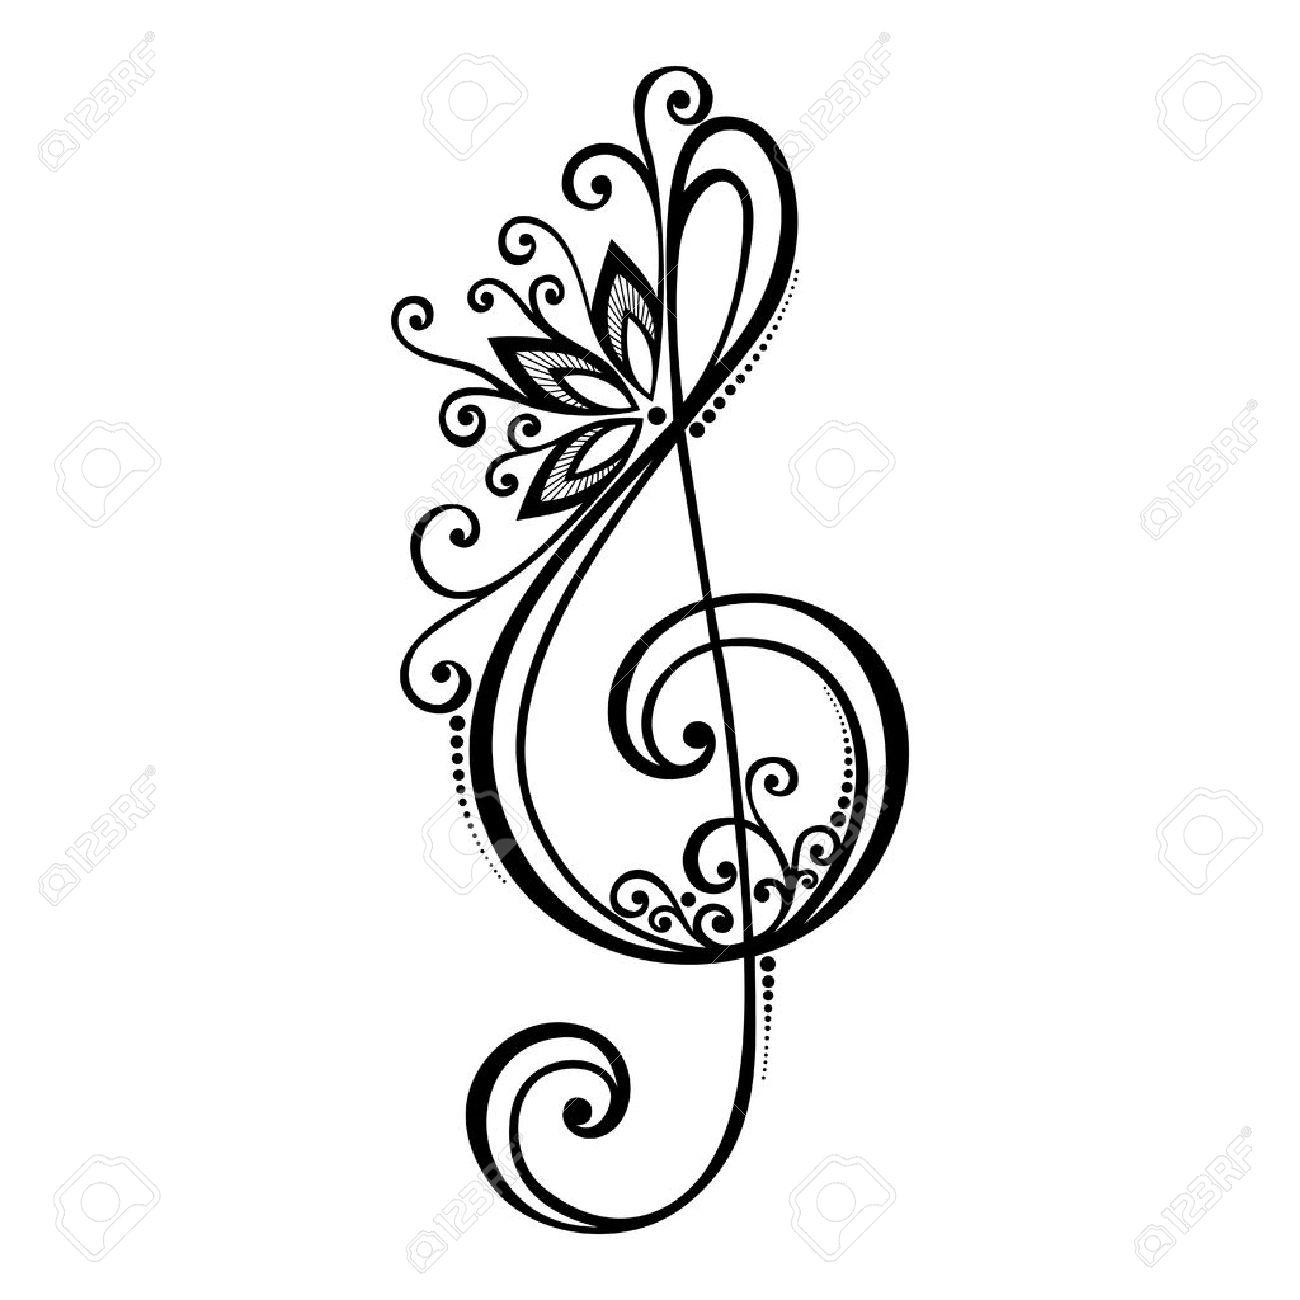 Vector Floral Dekorative Violinschlüssel Gemusterte Musical Anmelden  Lizenzfrei Nutzbare Vektorgrafiken, Clip Arts, Illustrationen. Image  29778478.